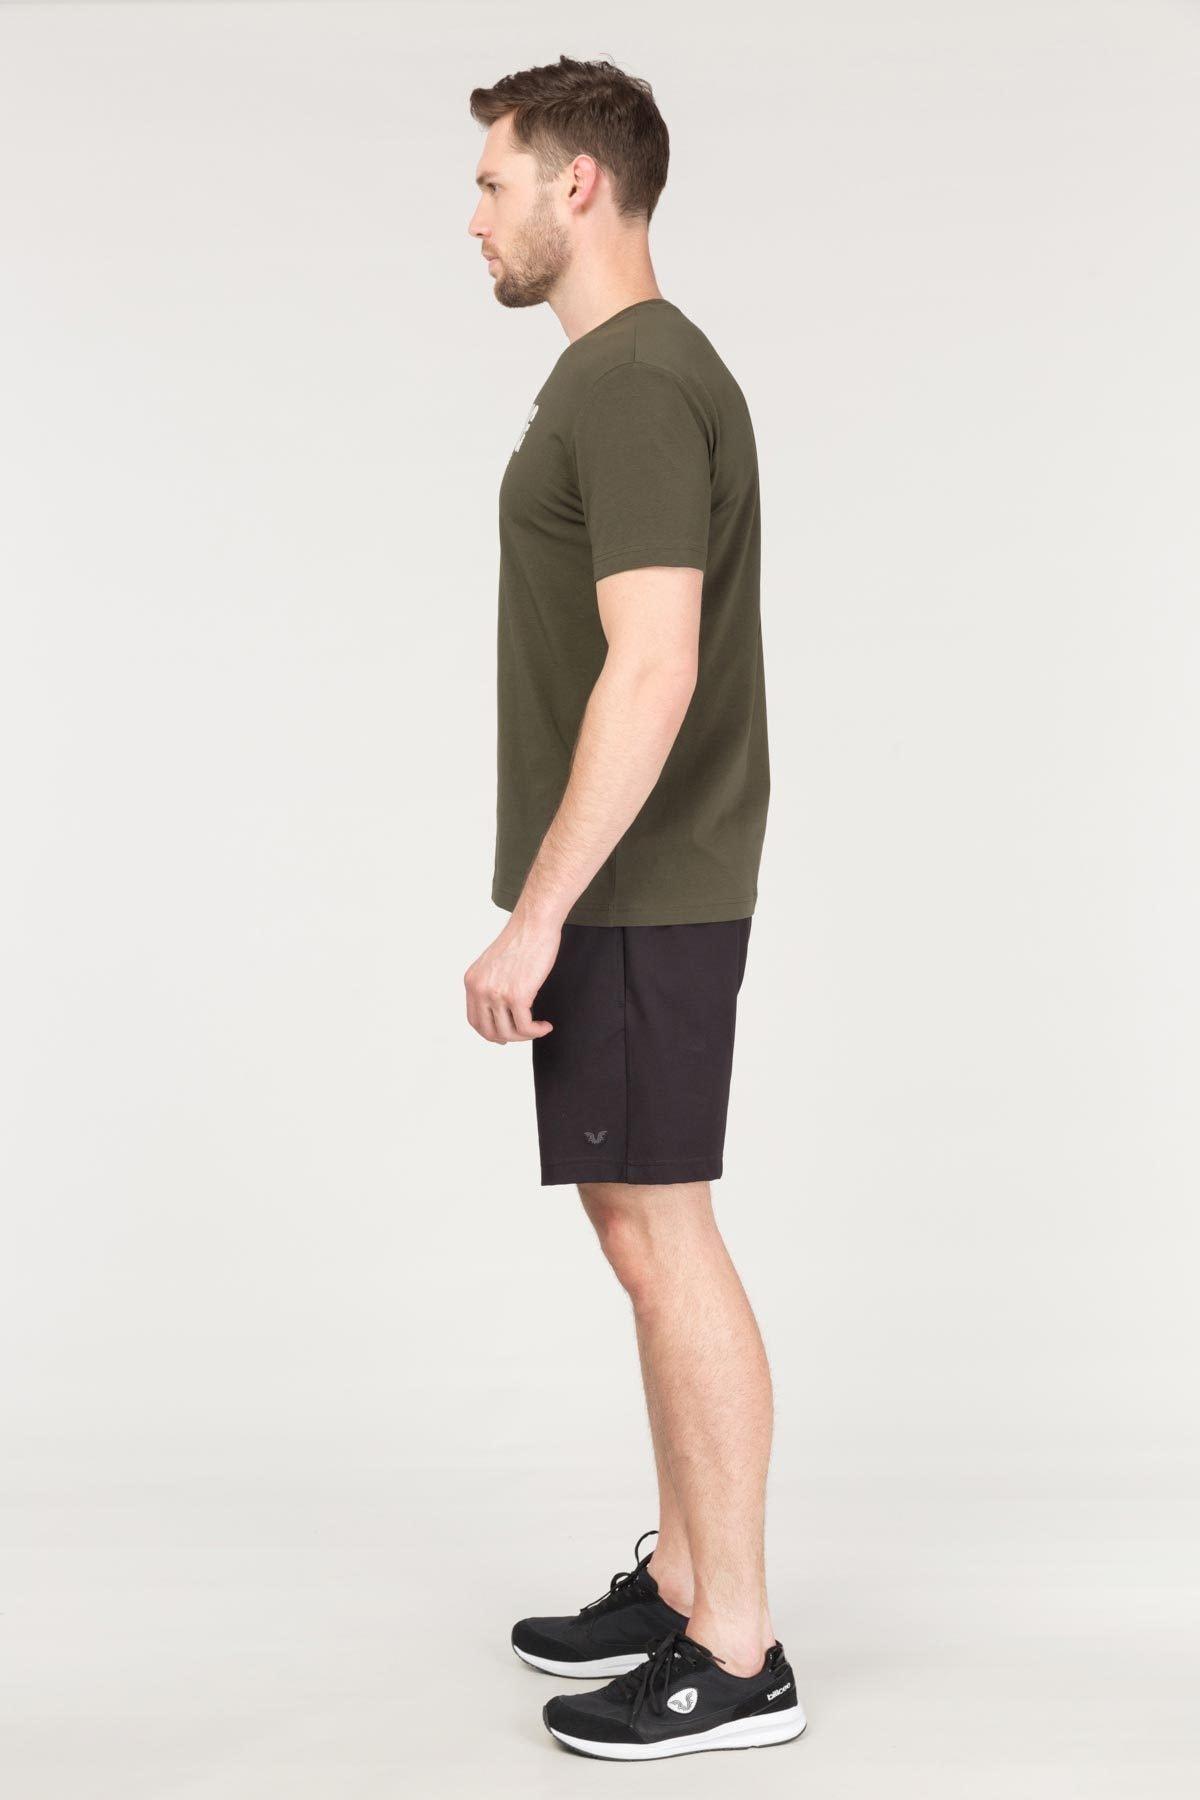 bilcee Yeşil Pamuklu Erkek T-Shirt FS-1681 2